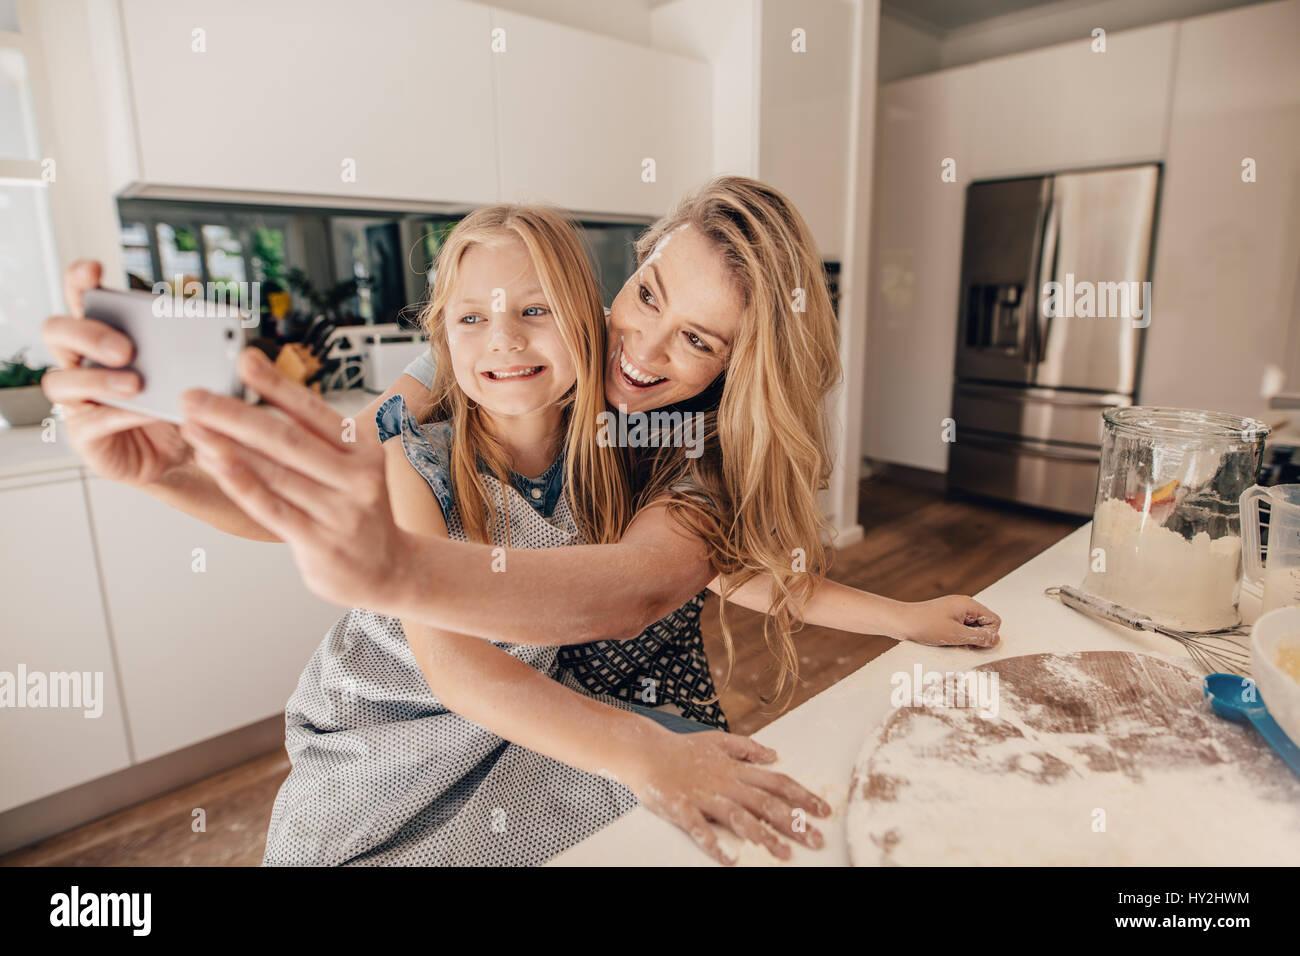 Jolie petite fille et sa belle mère en souriant et selfies préparer la pâte pour la cuisson dans Photo Stock